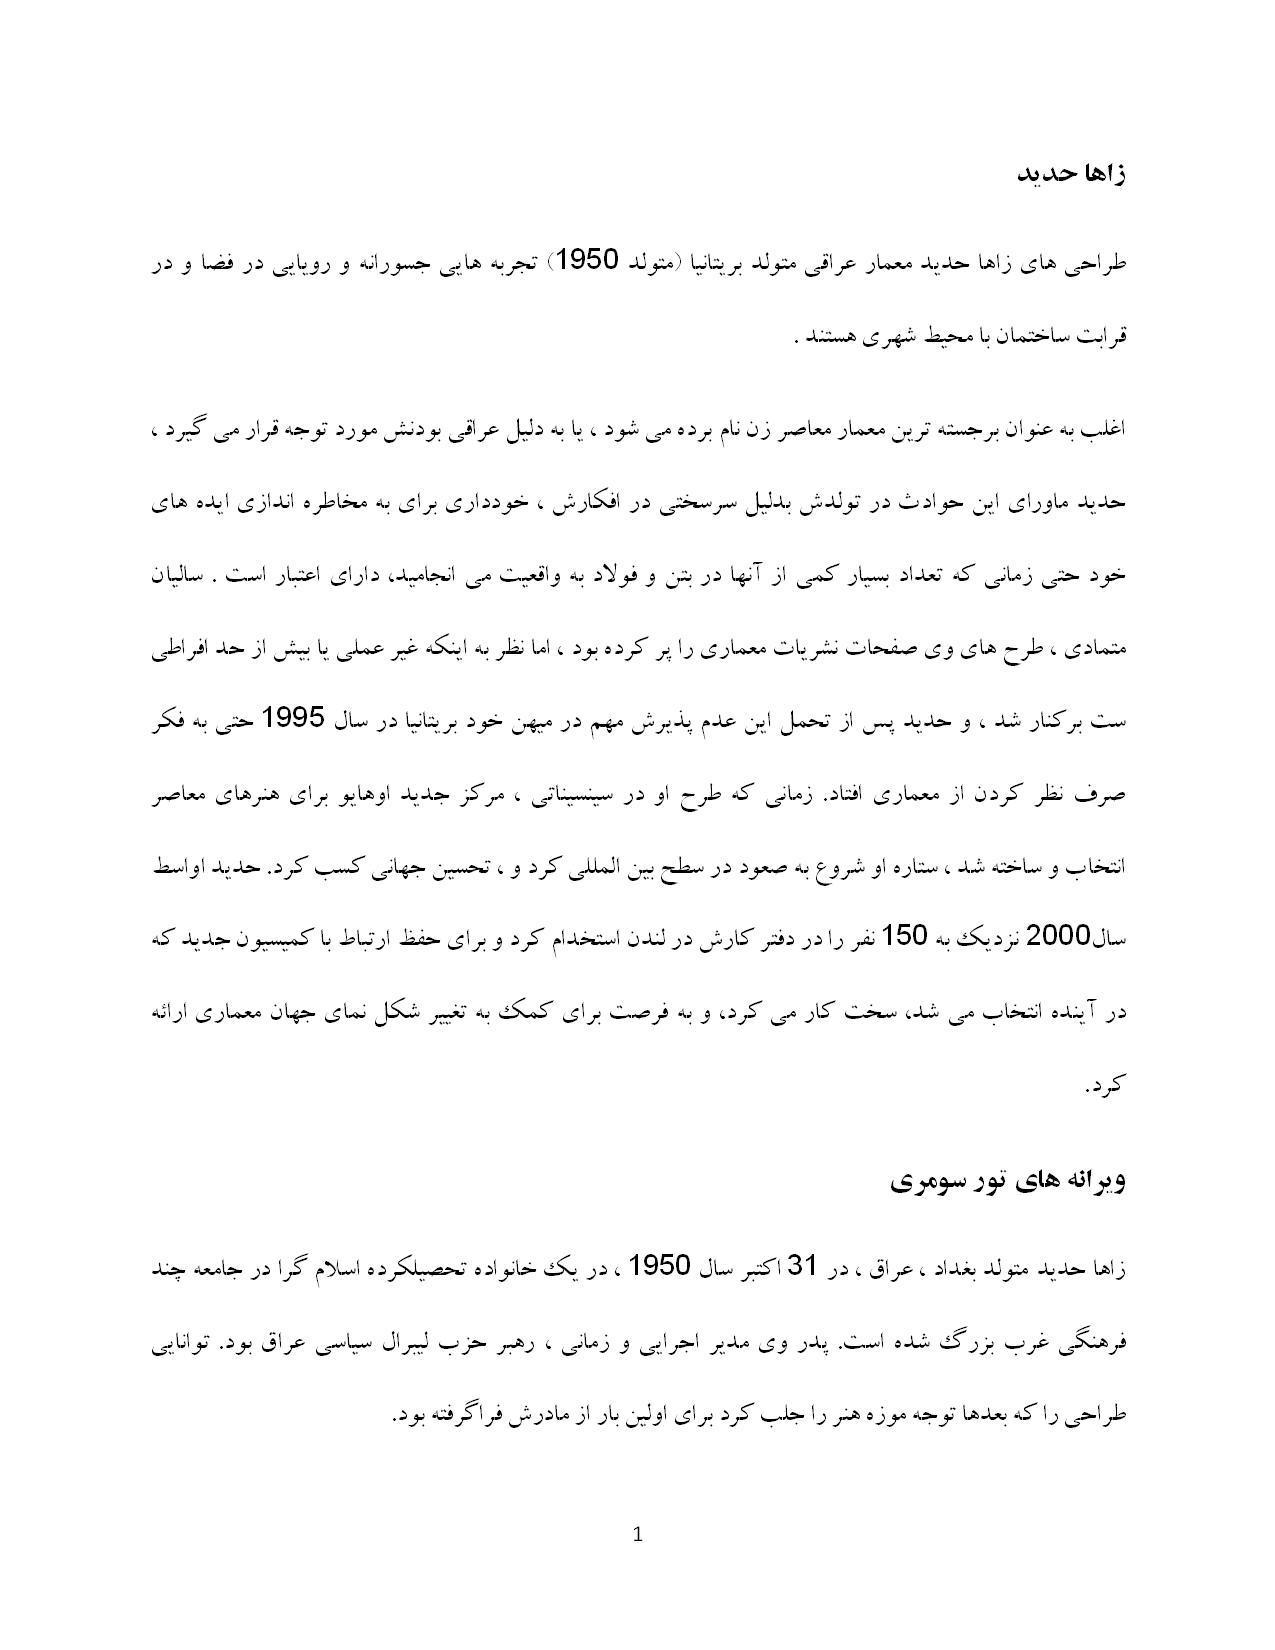 ترجمه مقاله و تحقیق -  معمار زاها حدید 19